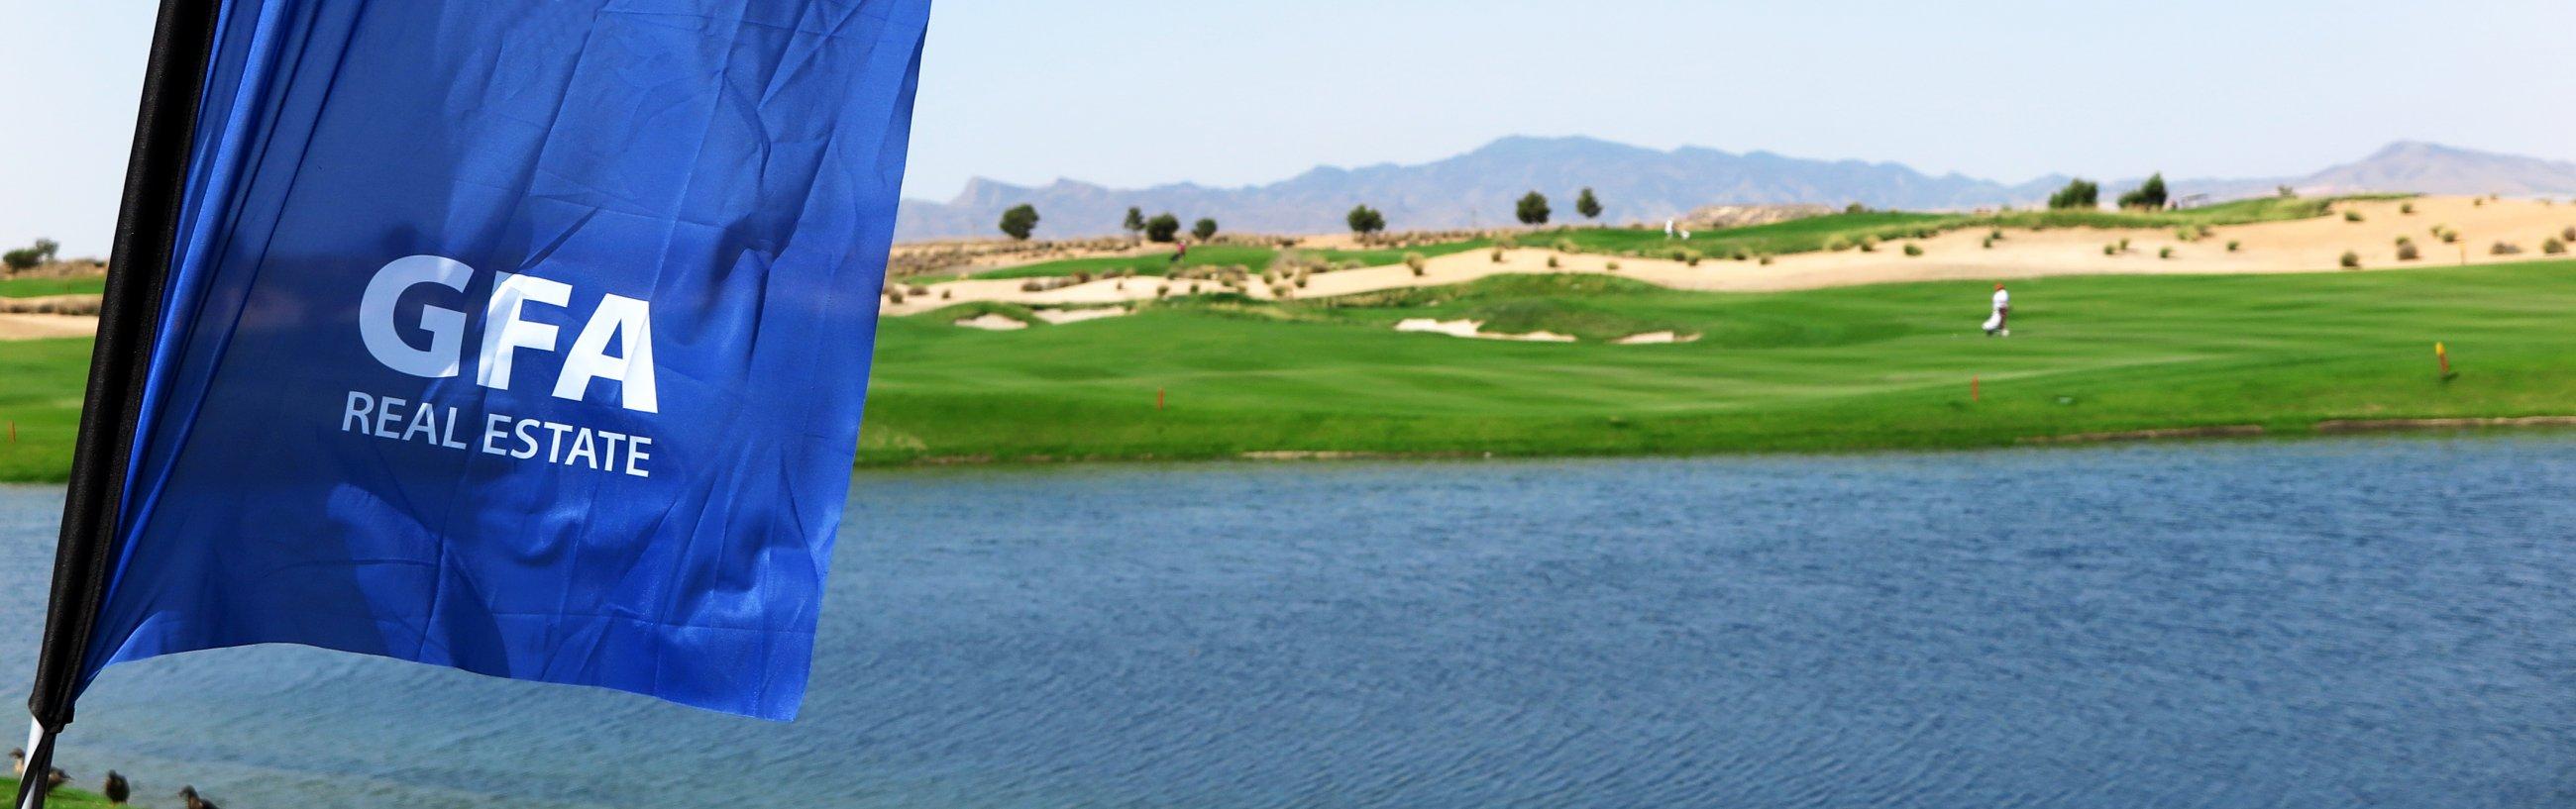 Alhama Signature GNK Golf